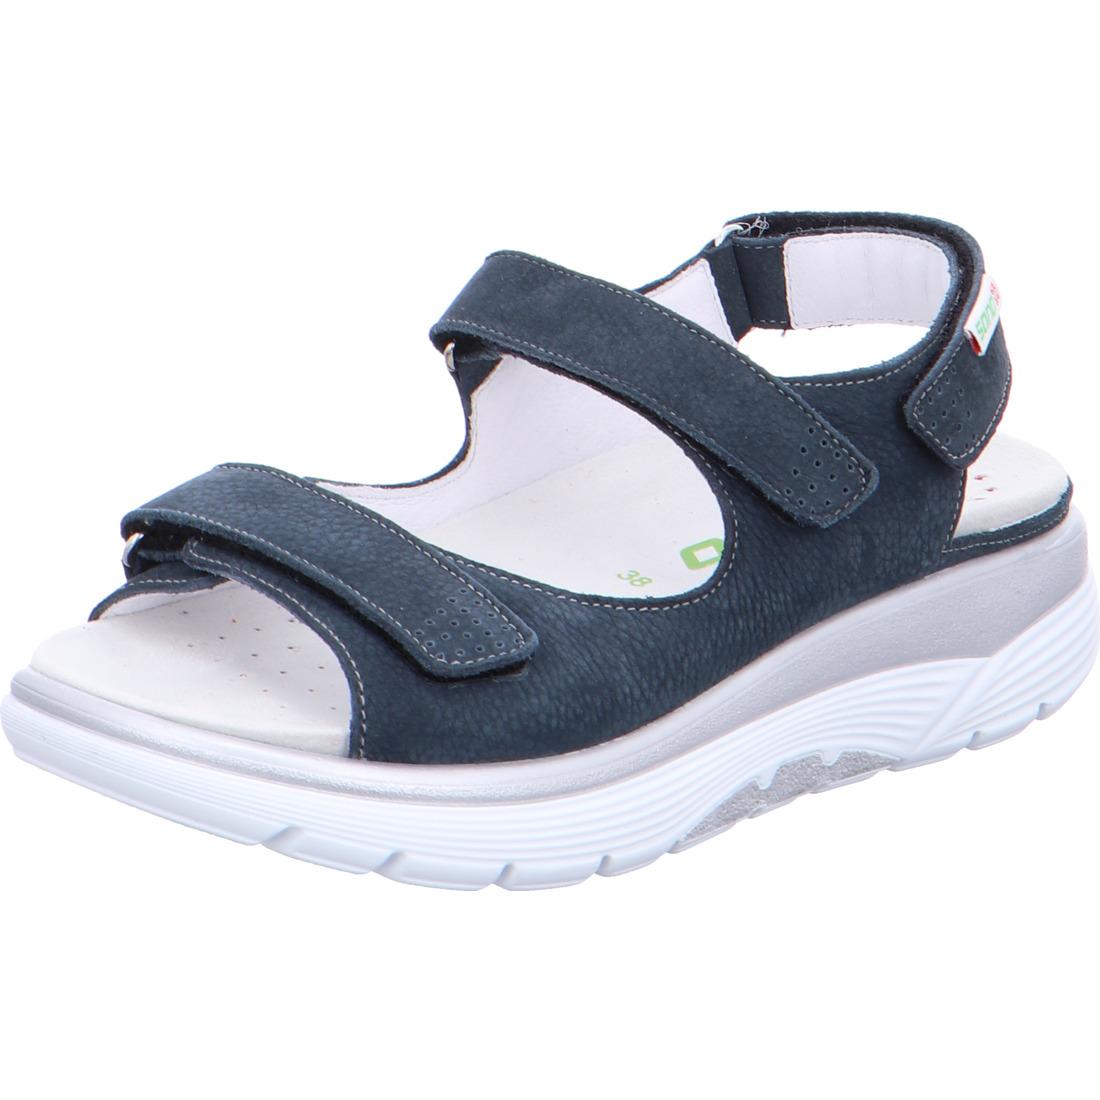 acf776e7d4a3c6 Sano chaussures femme - pour un sentiment dynamique lors de la marche l |  Mephisto Shop | Mephisto Store